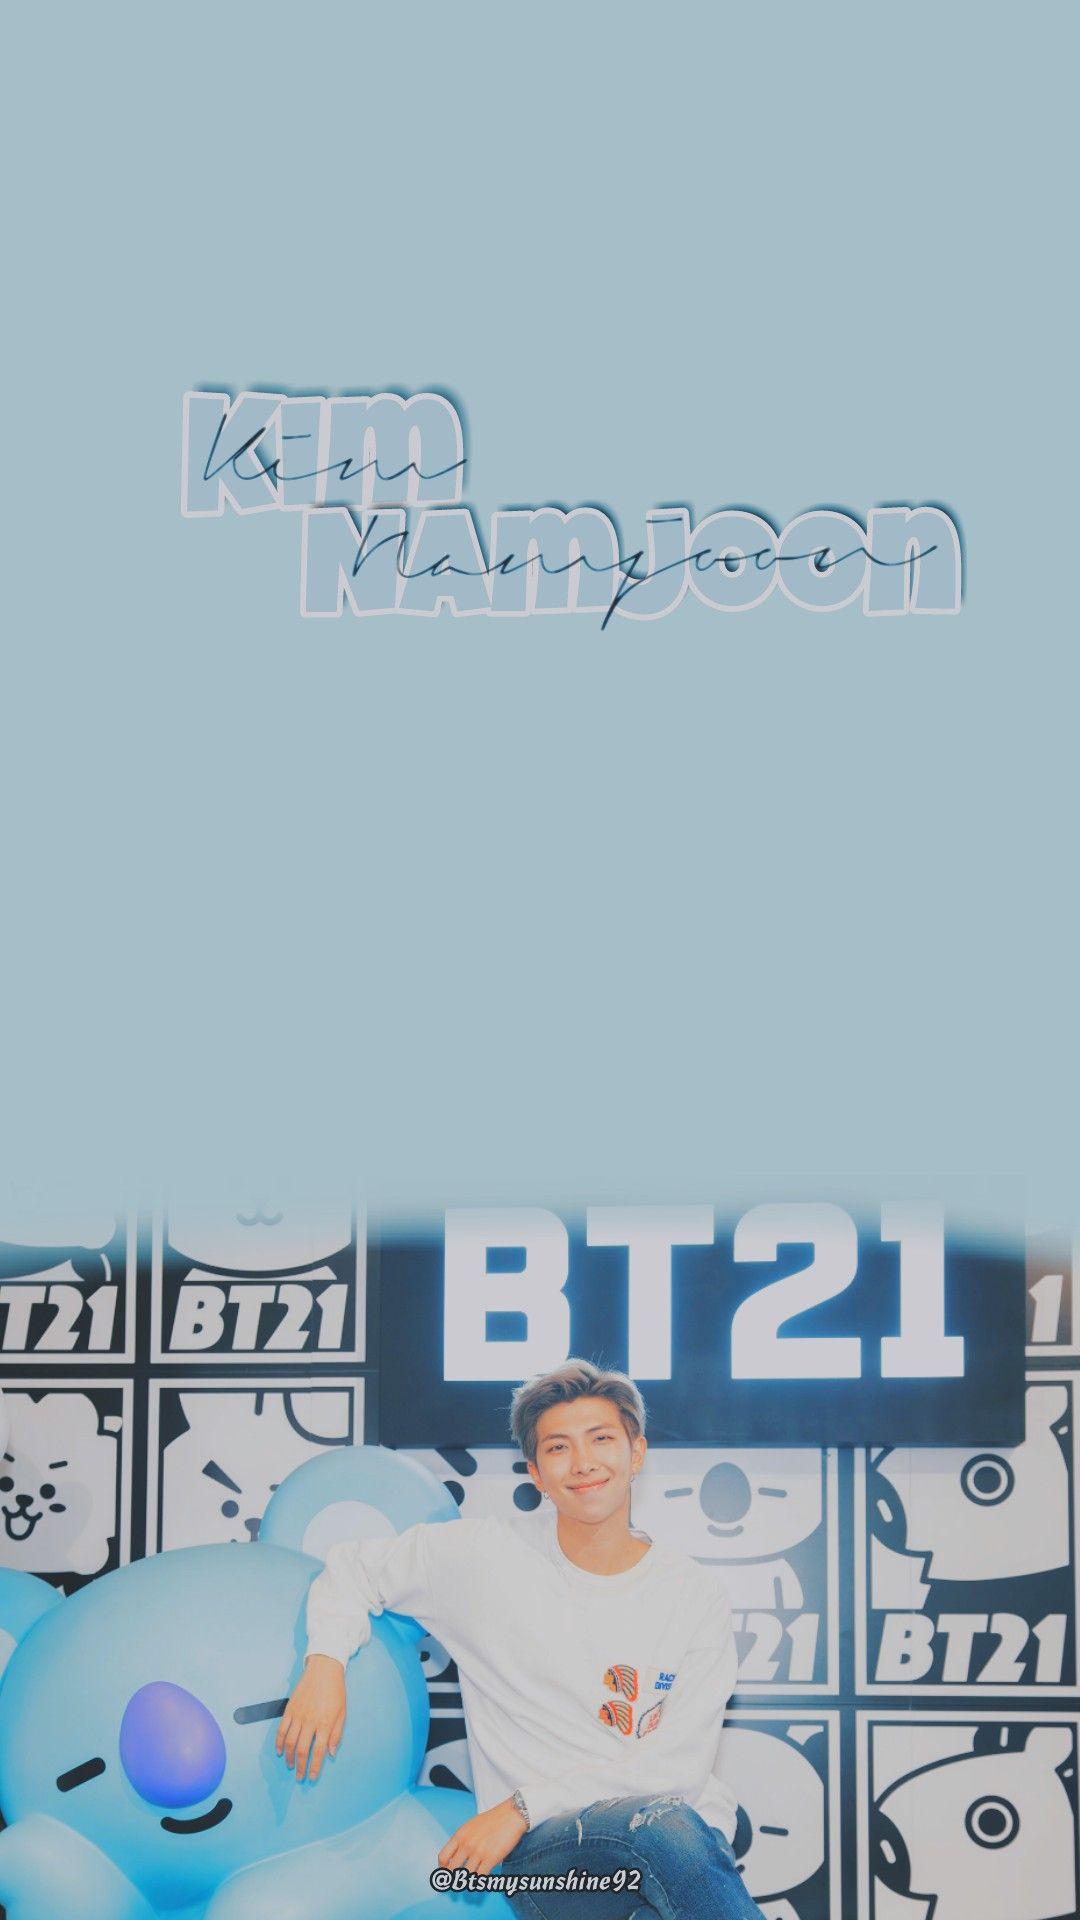 Kim Namjoon X Bt21 Bts In 2018 Pinterest Bts Namjoon And